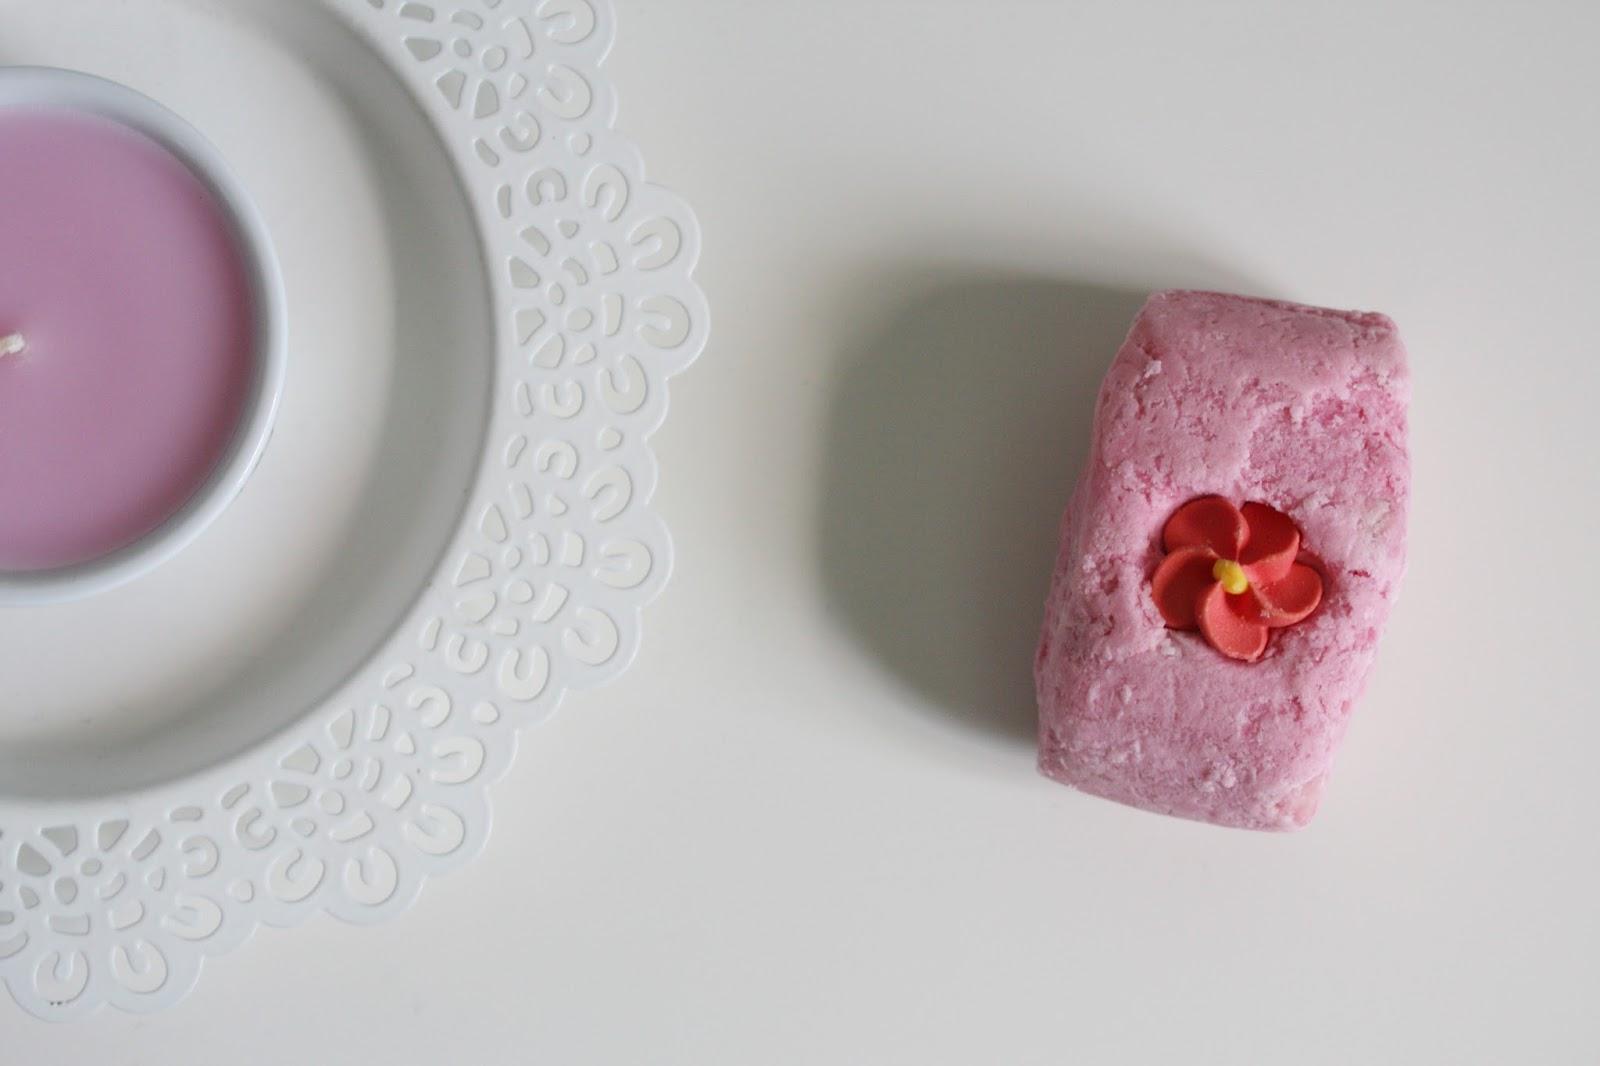 Lush Creamy Candy Bubblebar